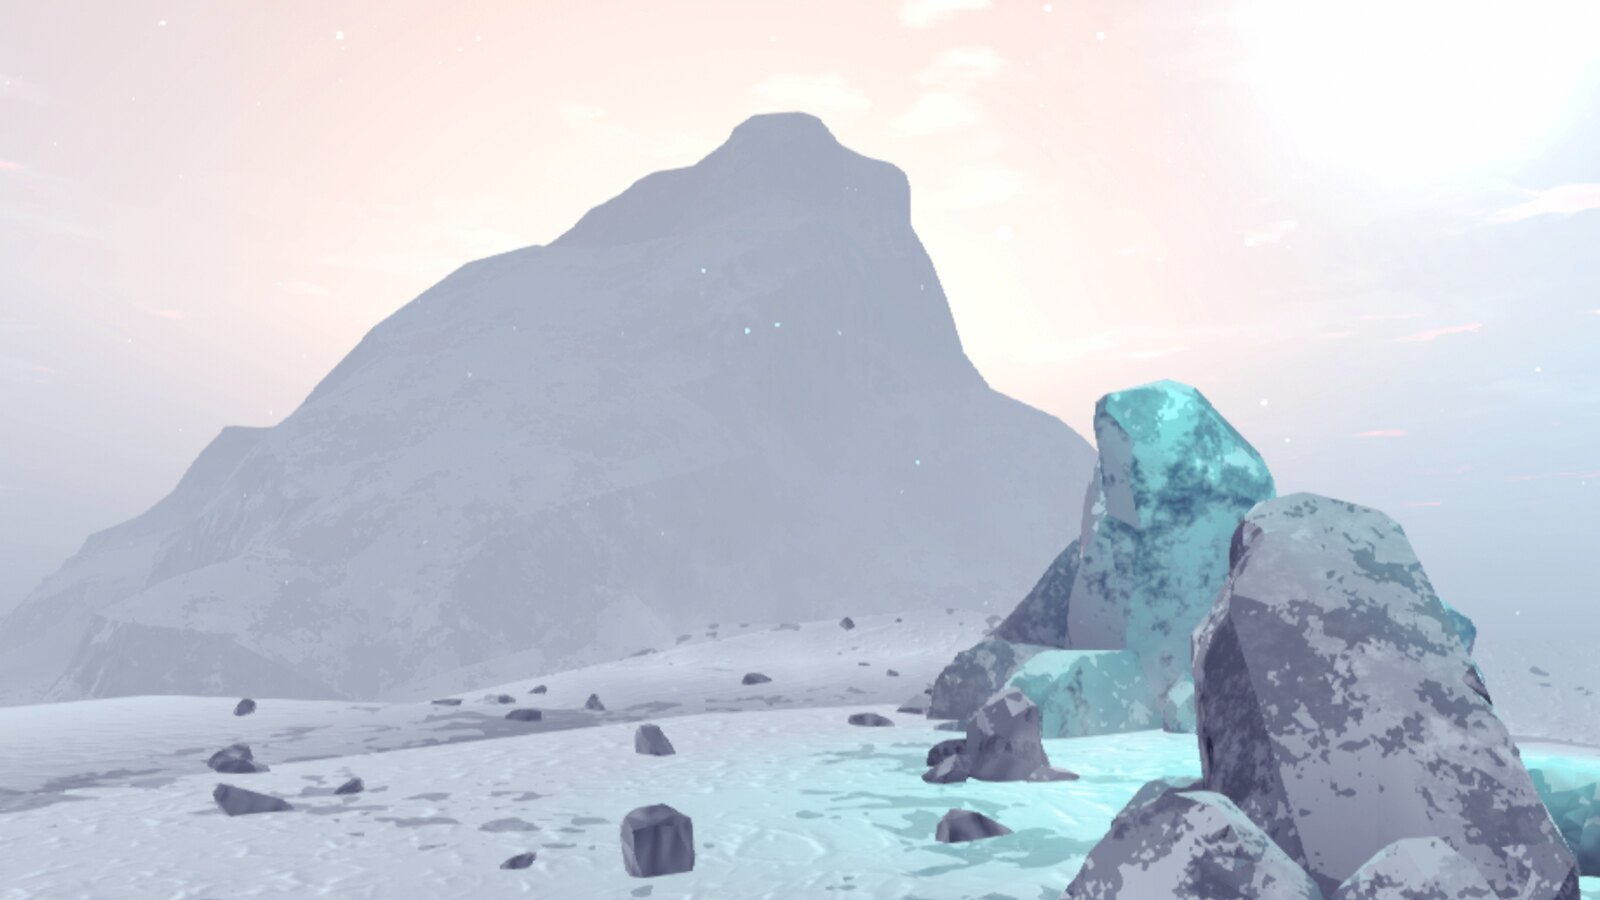 49597821151 3159033c0f h - Entdeckt die meditative Welt von Separation diese Woche in PS VR